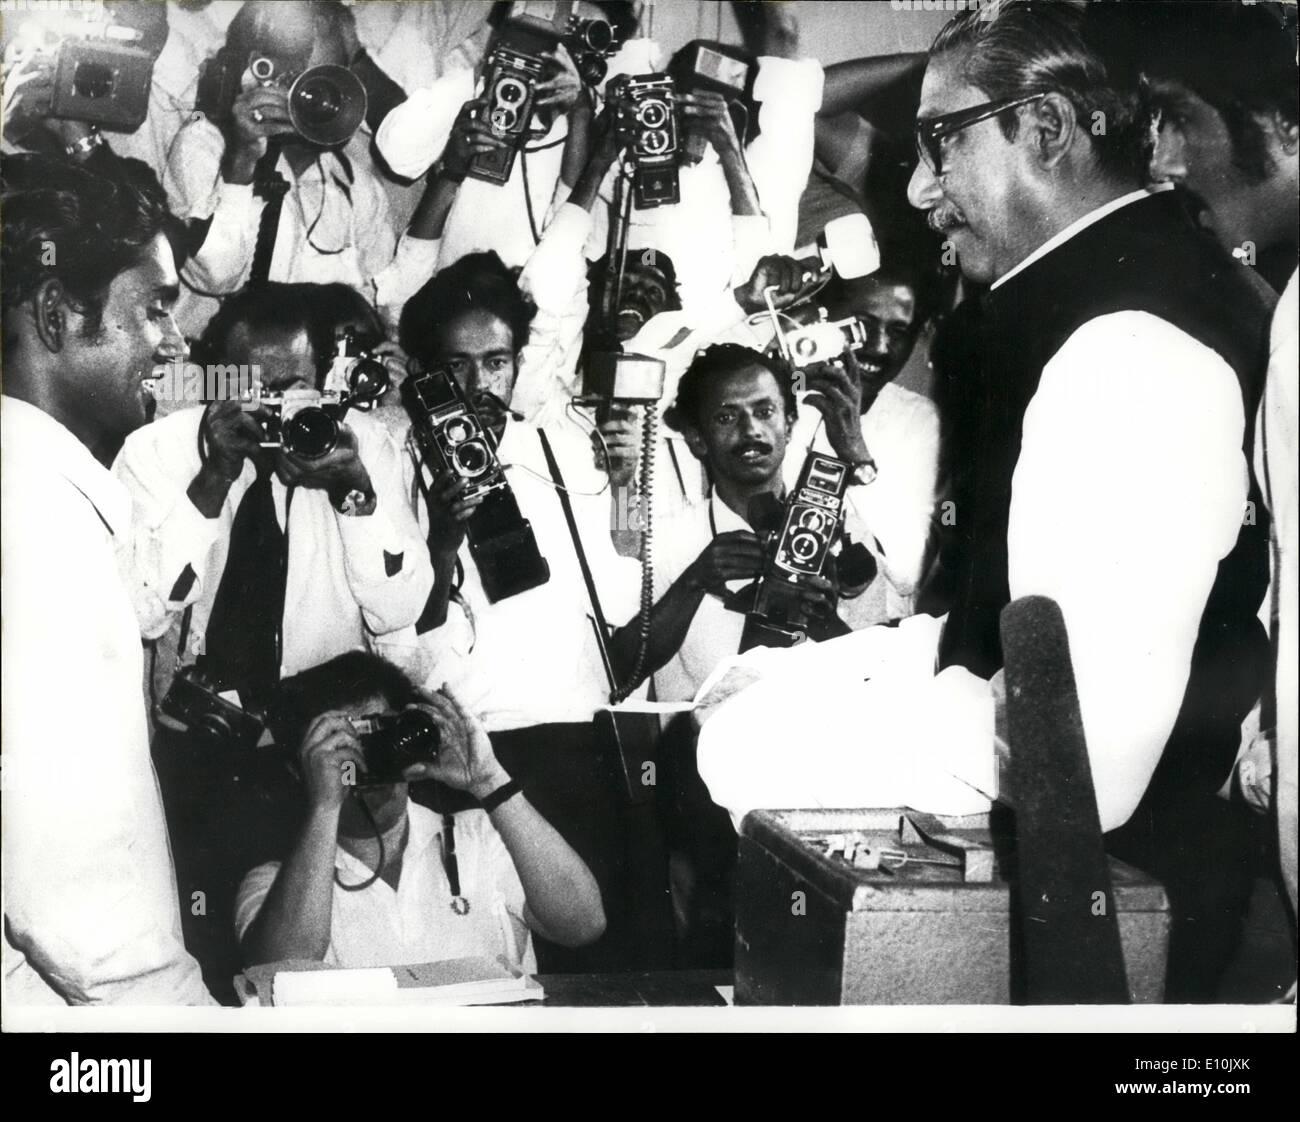 Image result for sheikh mujib bandarban 1973